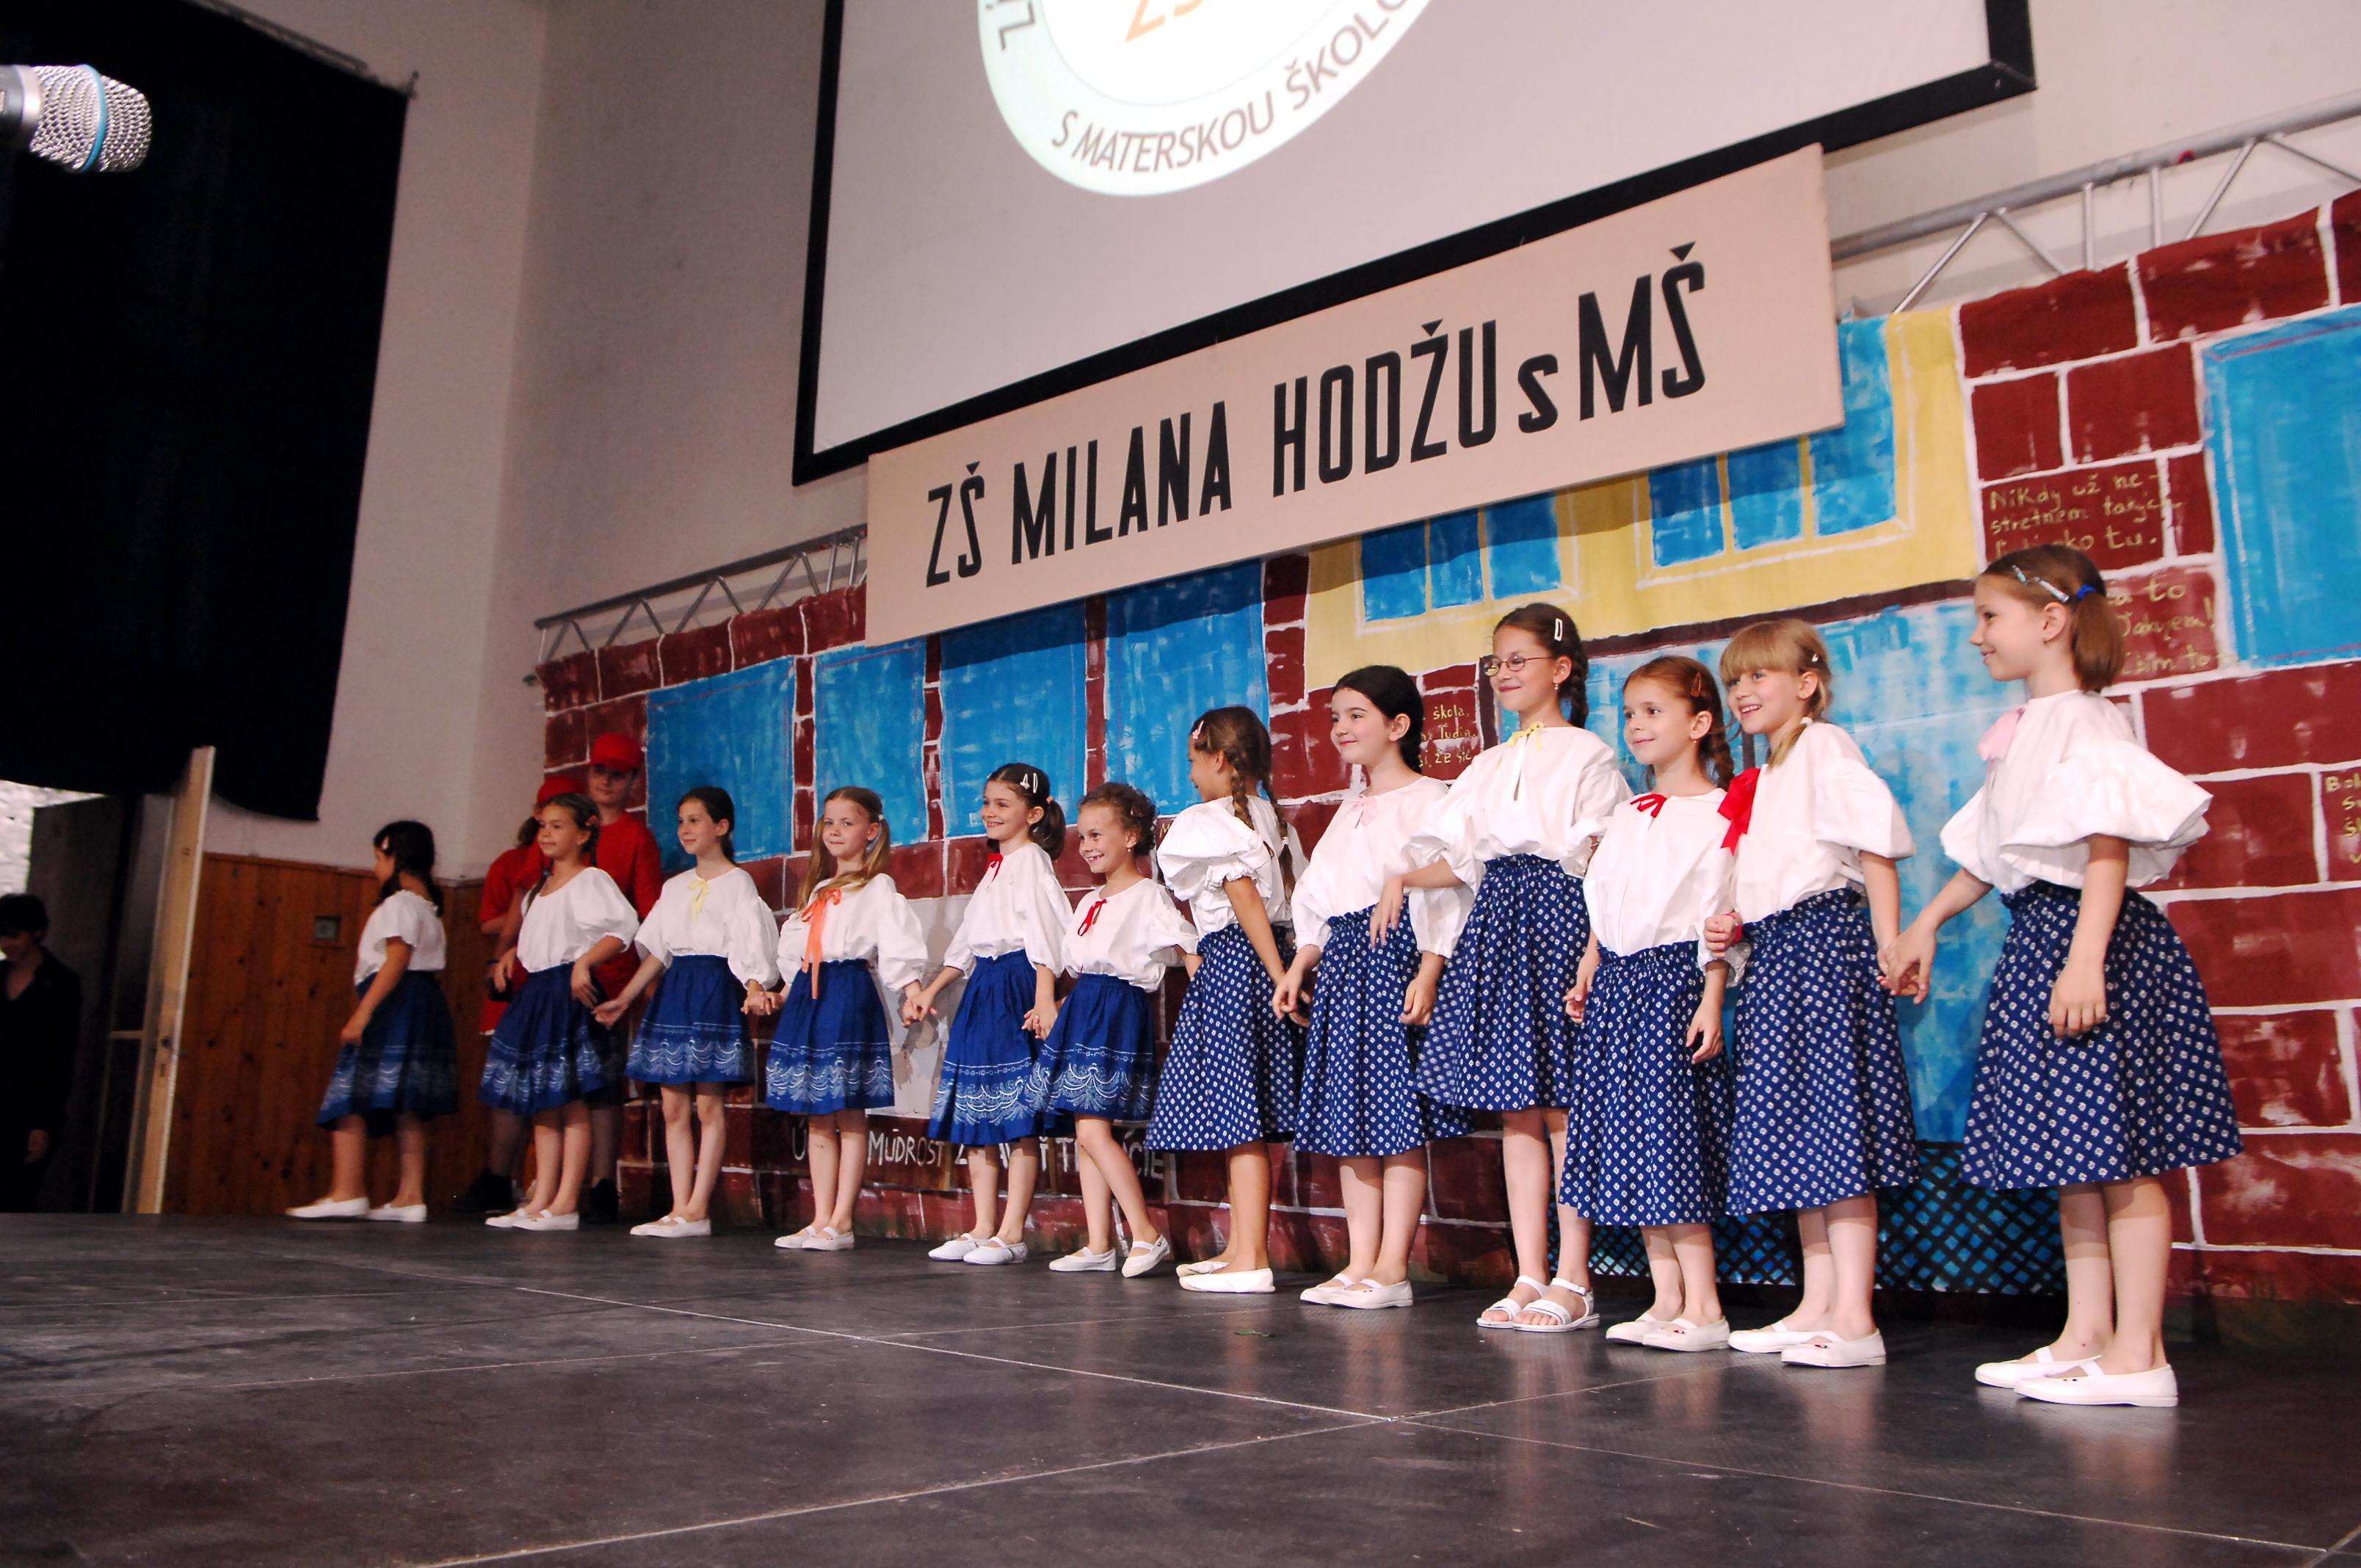 Akadémia - 70. výročie založenia školy